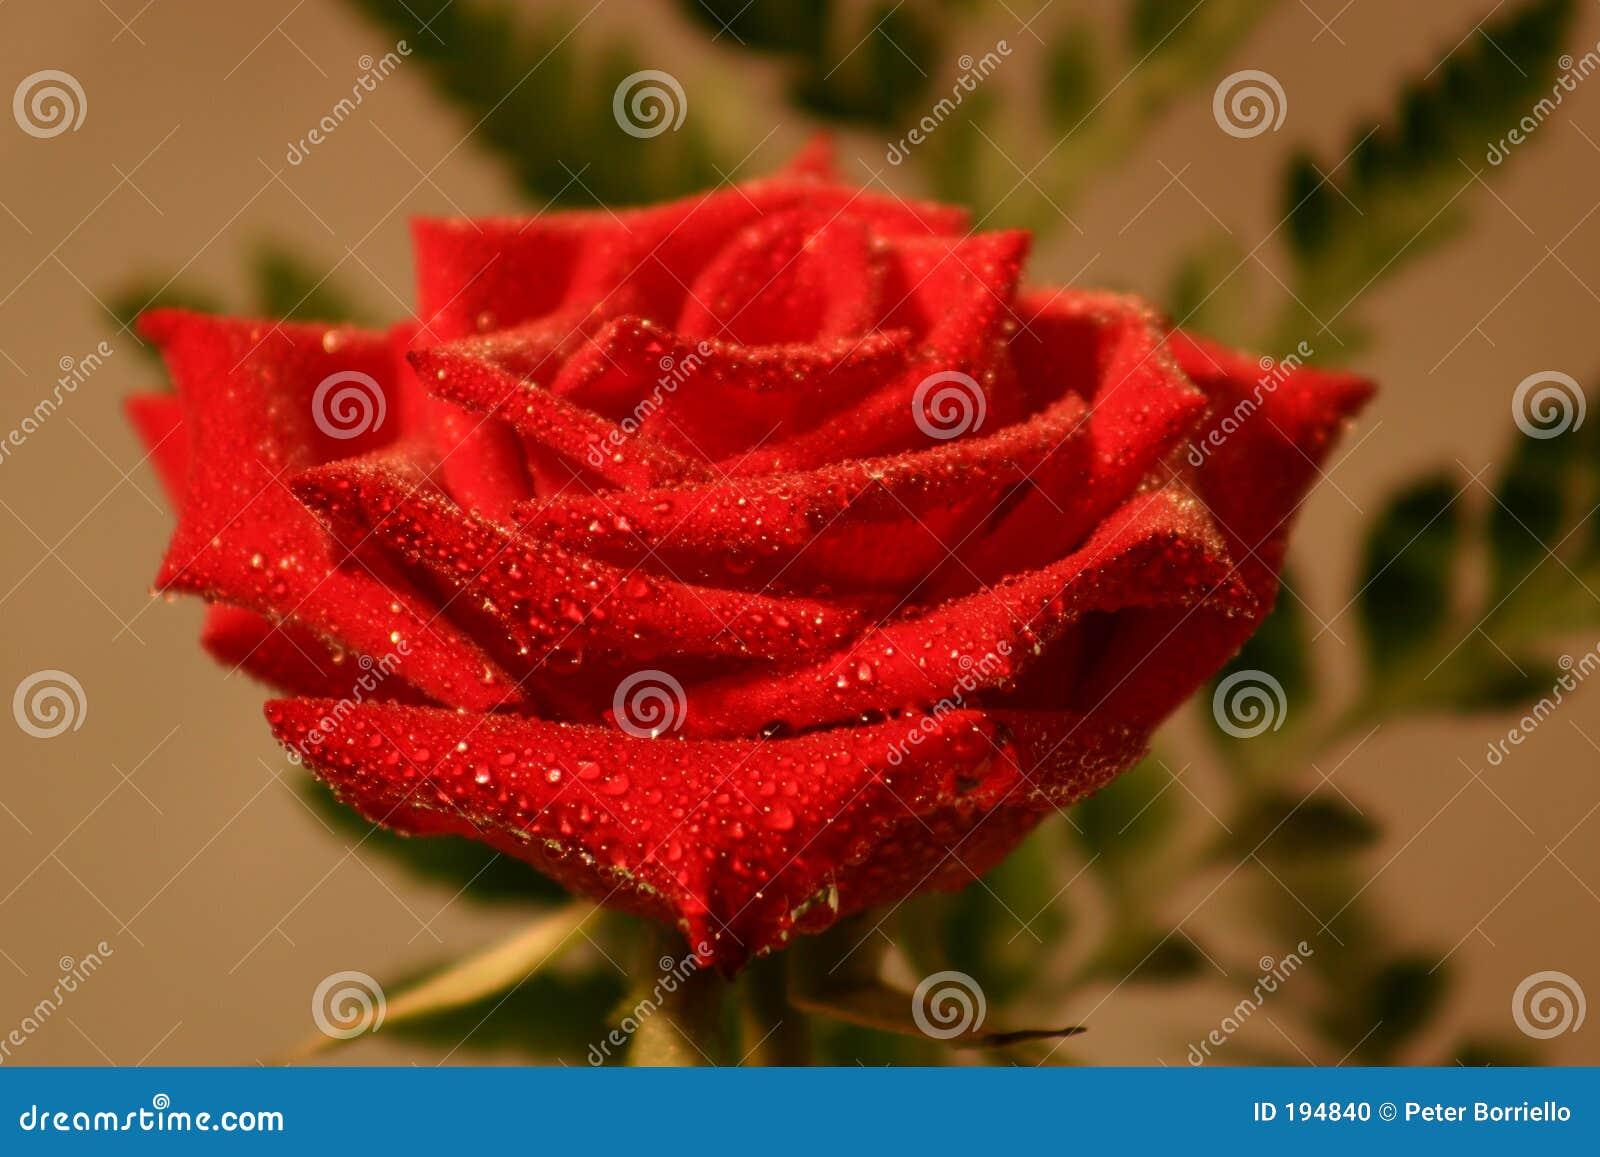 Tröpfchen Rose